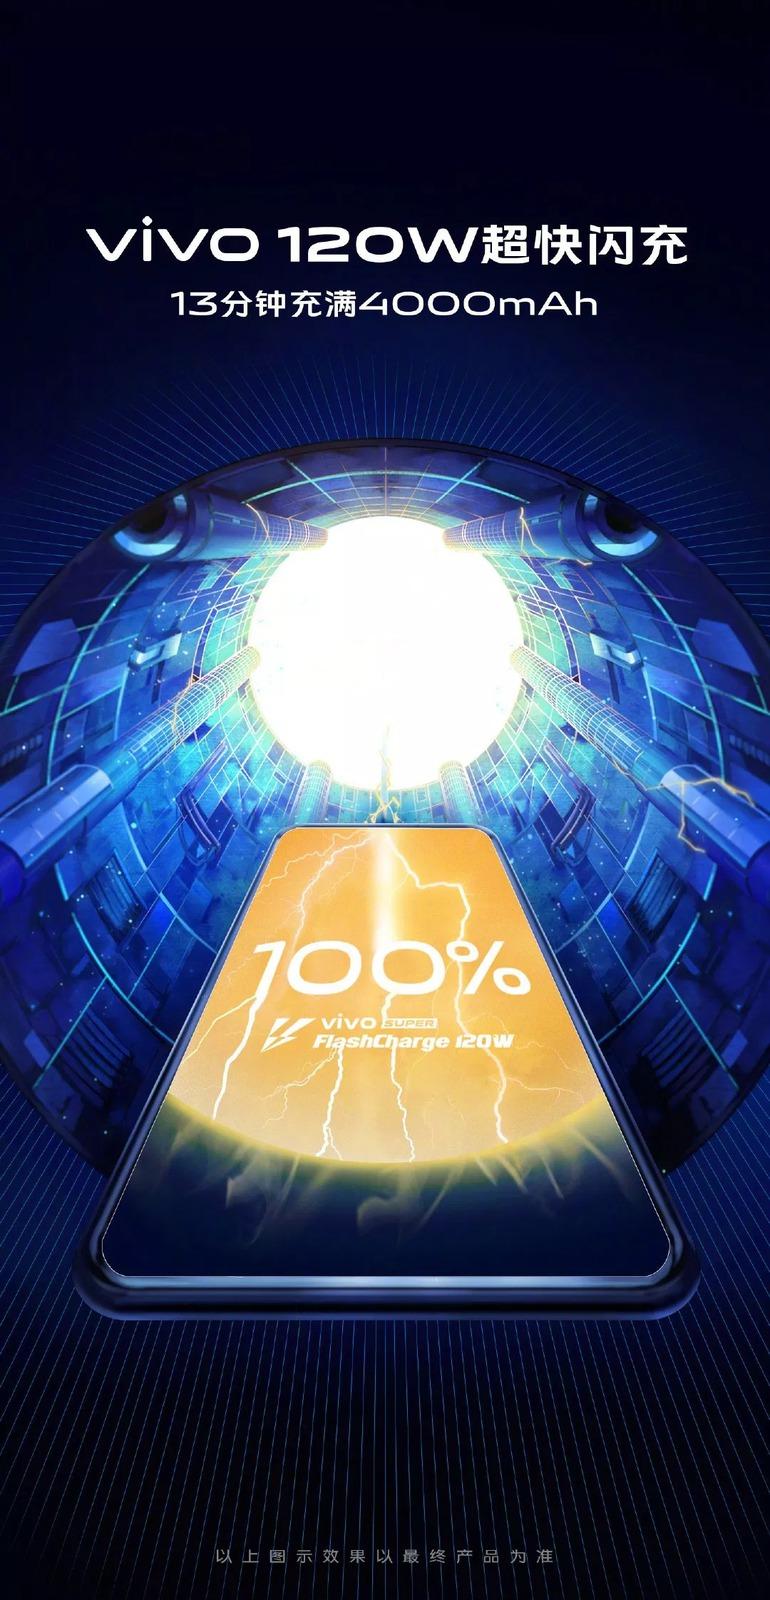 vivo 120W 闪充技术下周发布 4,000mAh 电池 13 分钟充满